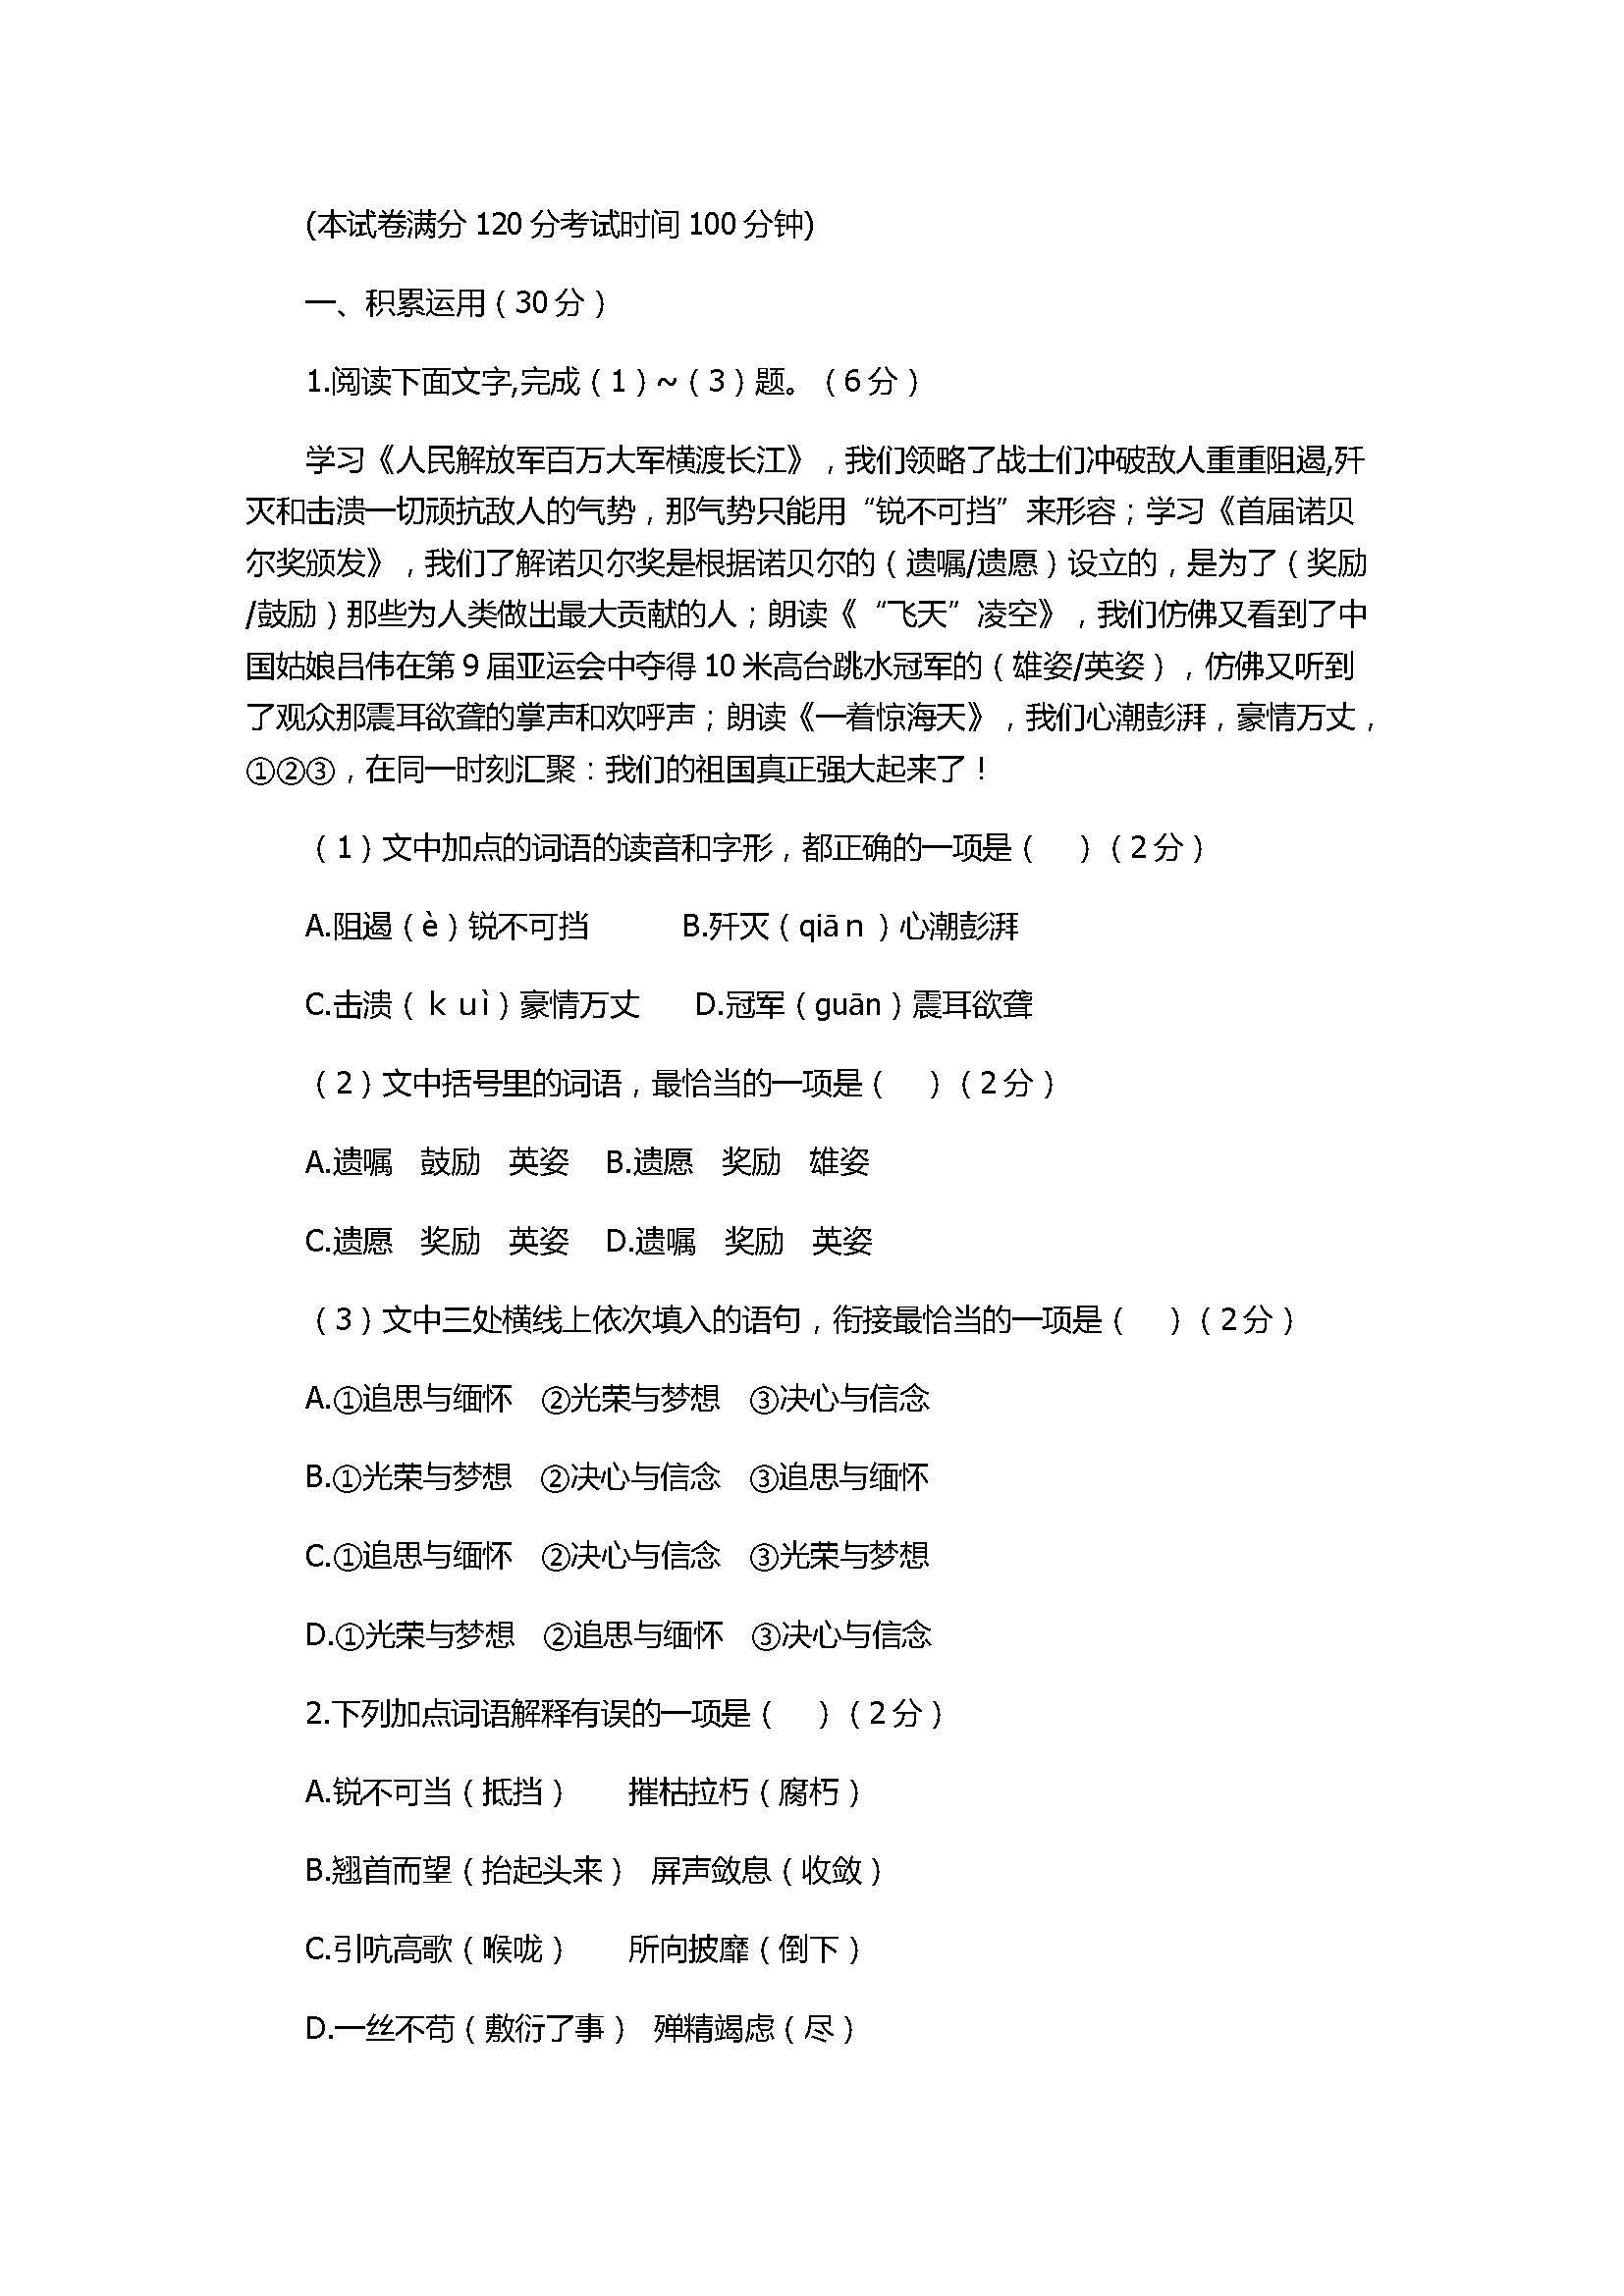 2017八年级语文上册单元综合测试卷含答案(部编版)